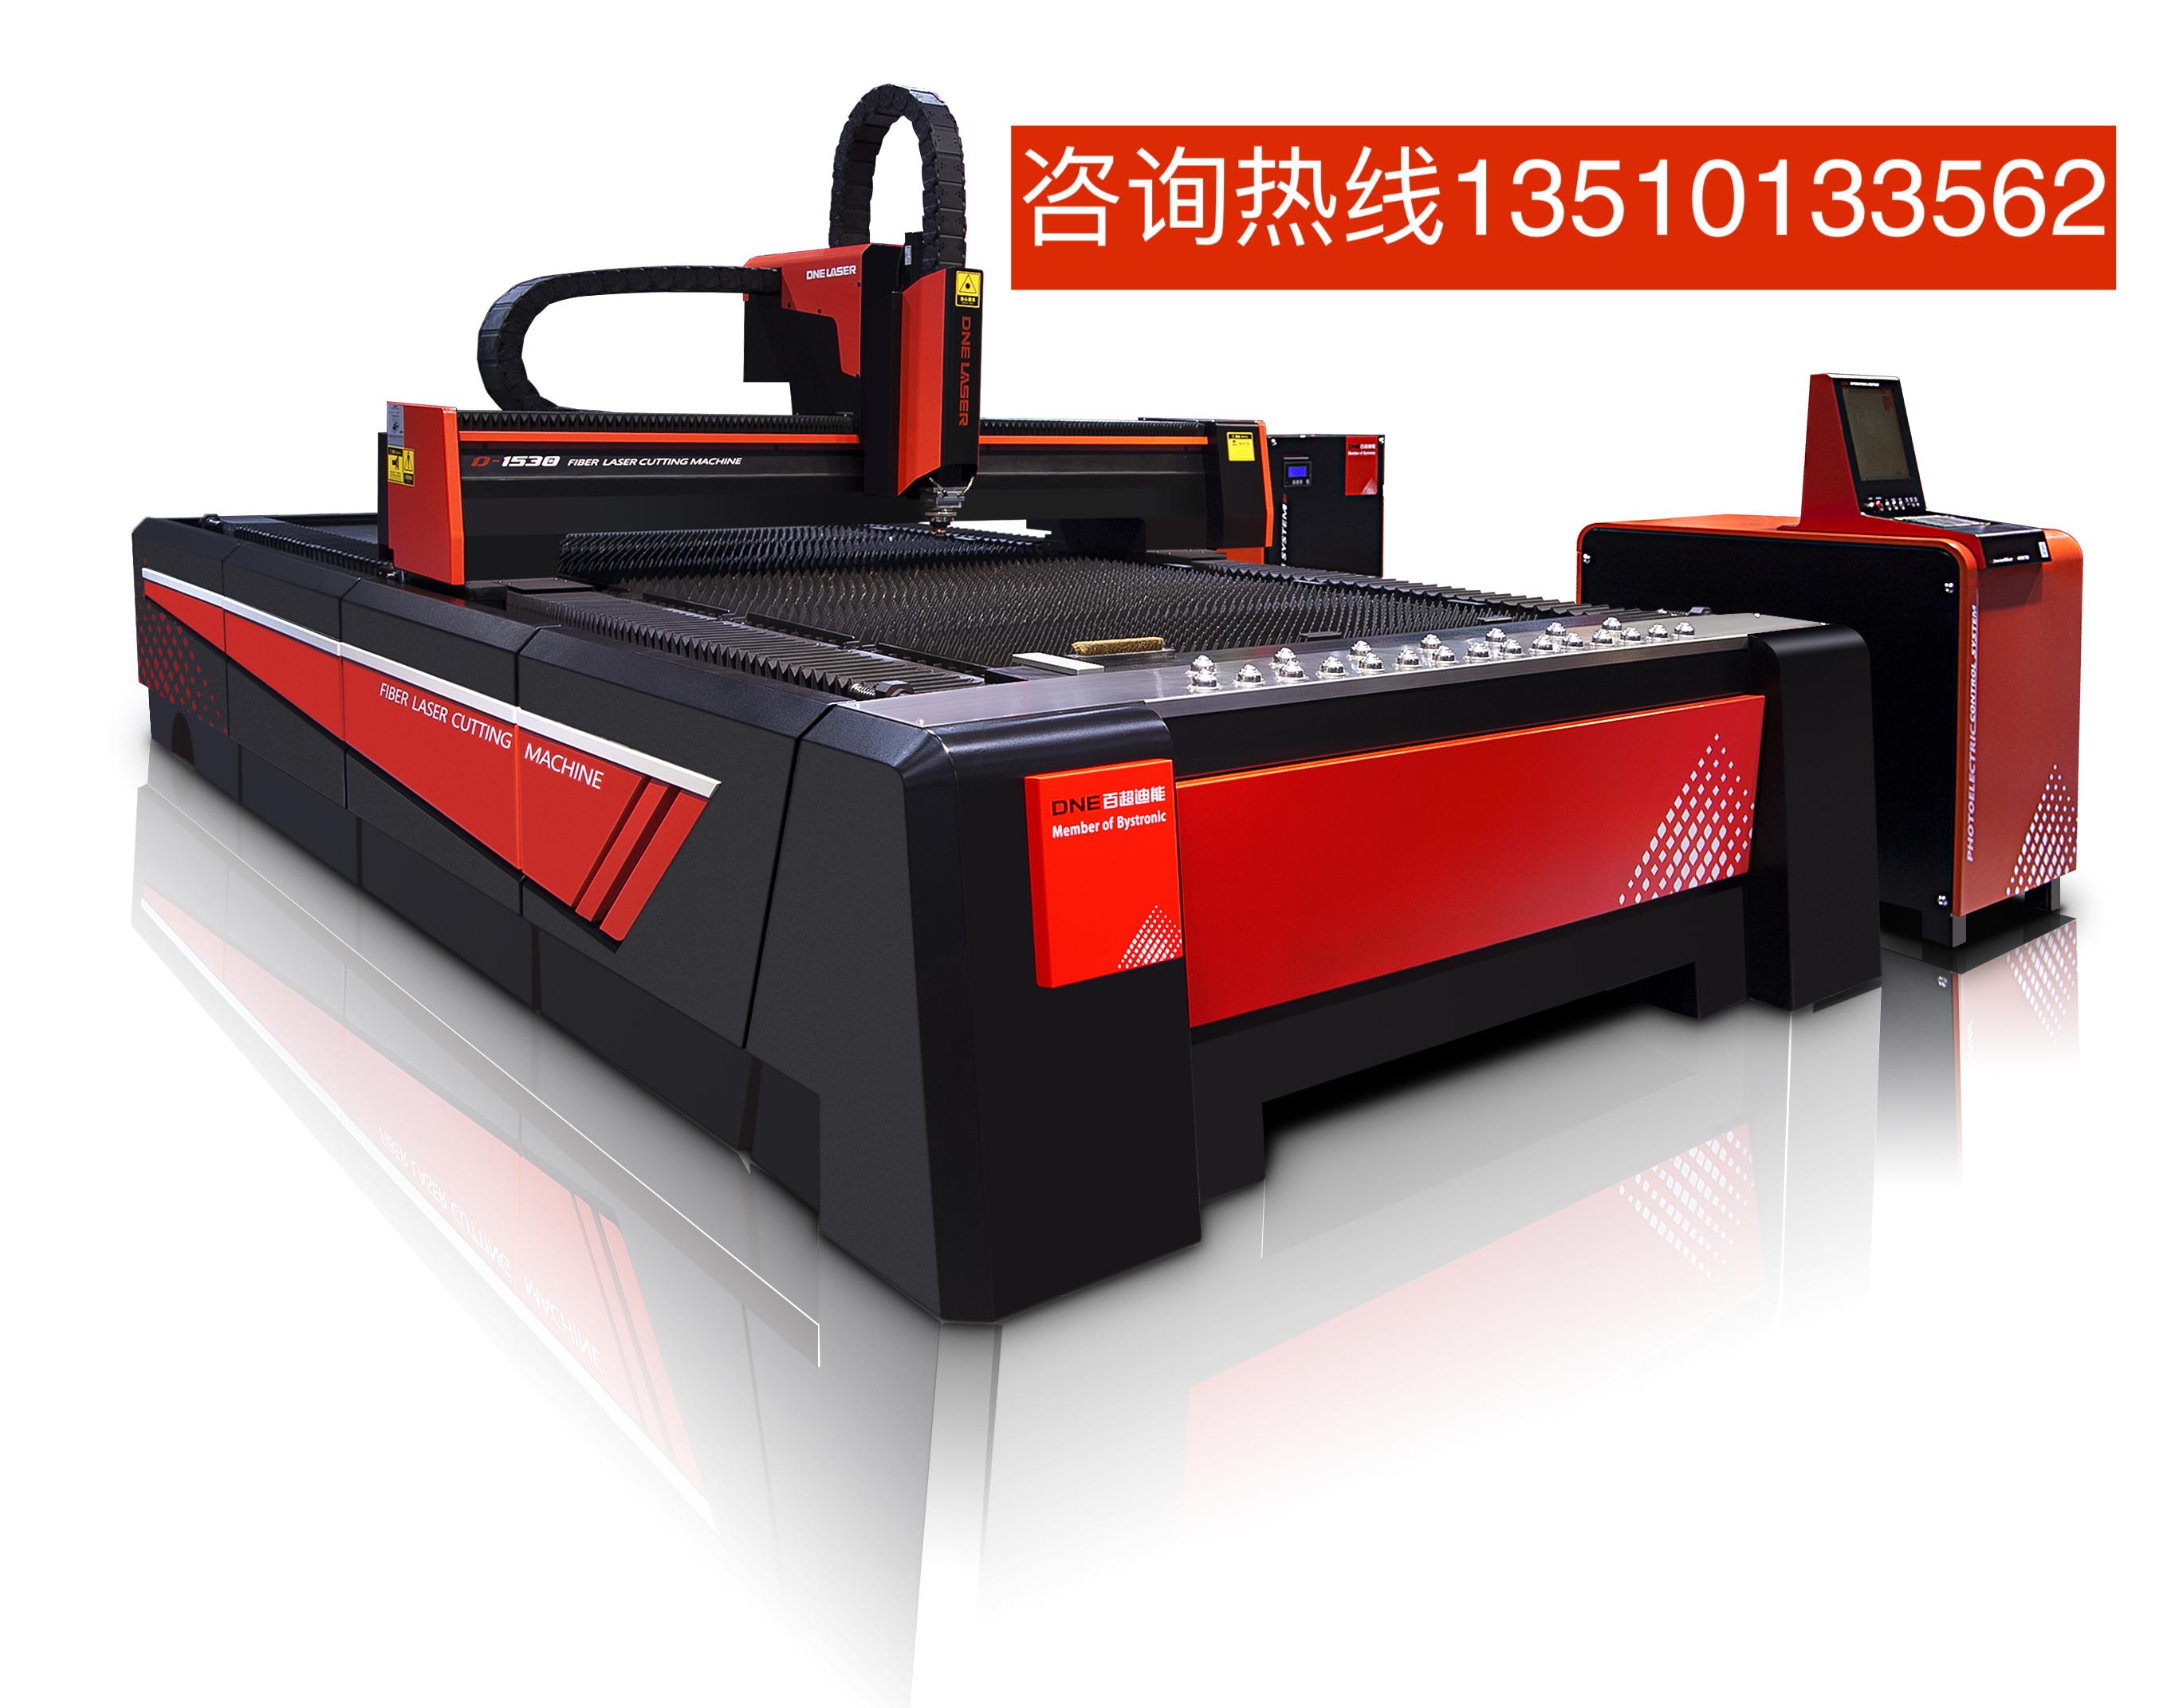 D-FAST全新一代光纤激光切割机-敞开式光纤激光切割机